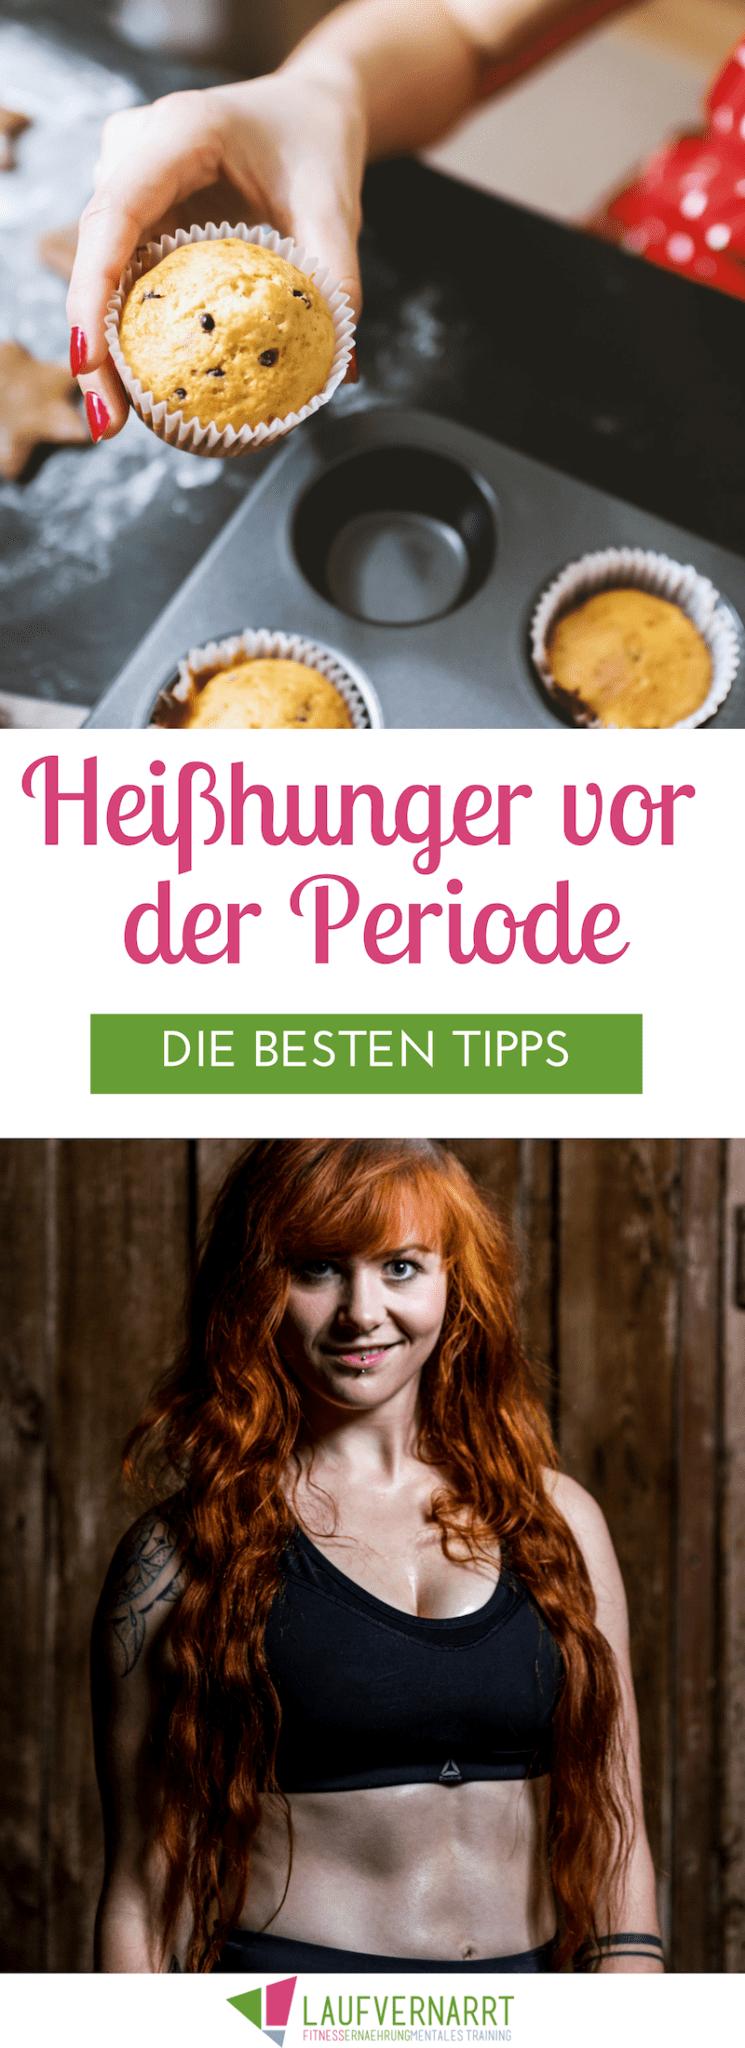 Photo of Frauen & Fitness: Heißhunger vor der Periode – 8 fundierte Tipps